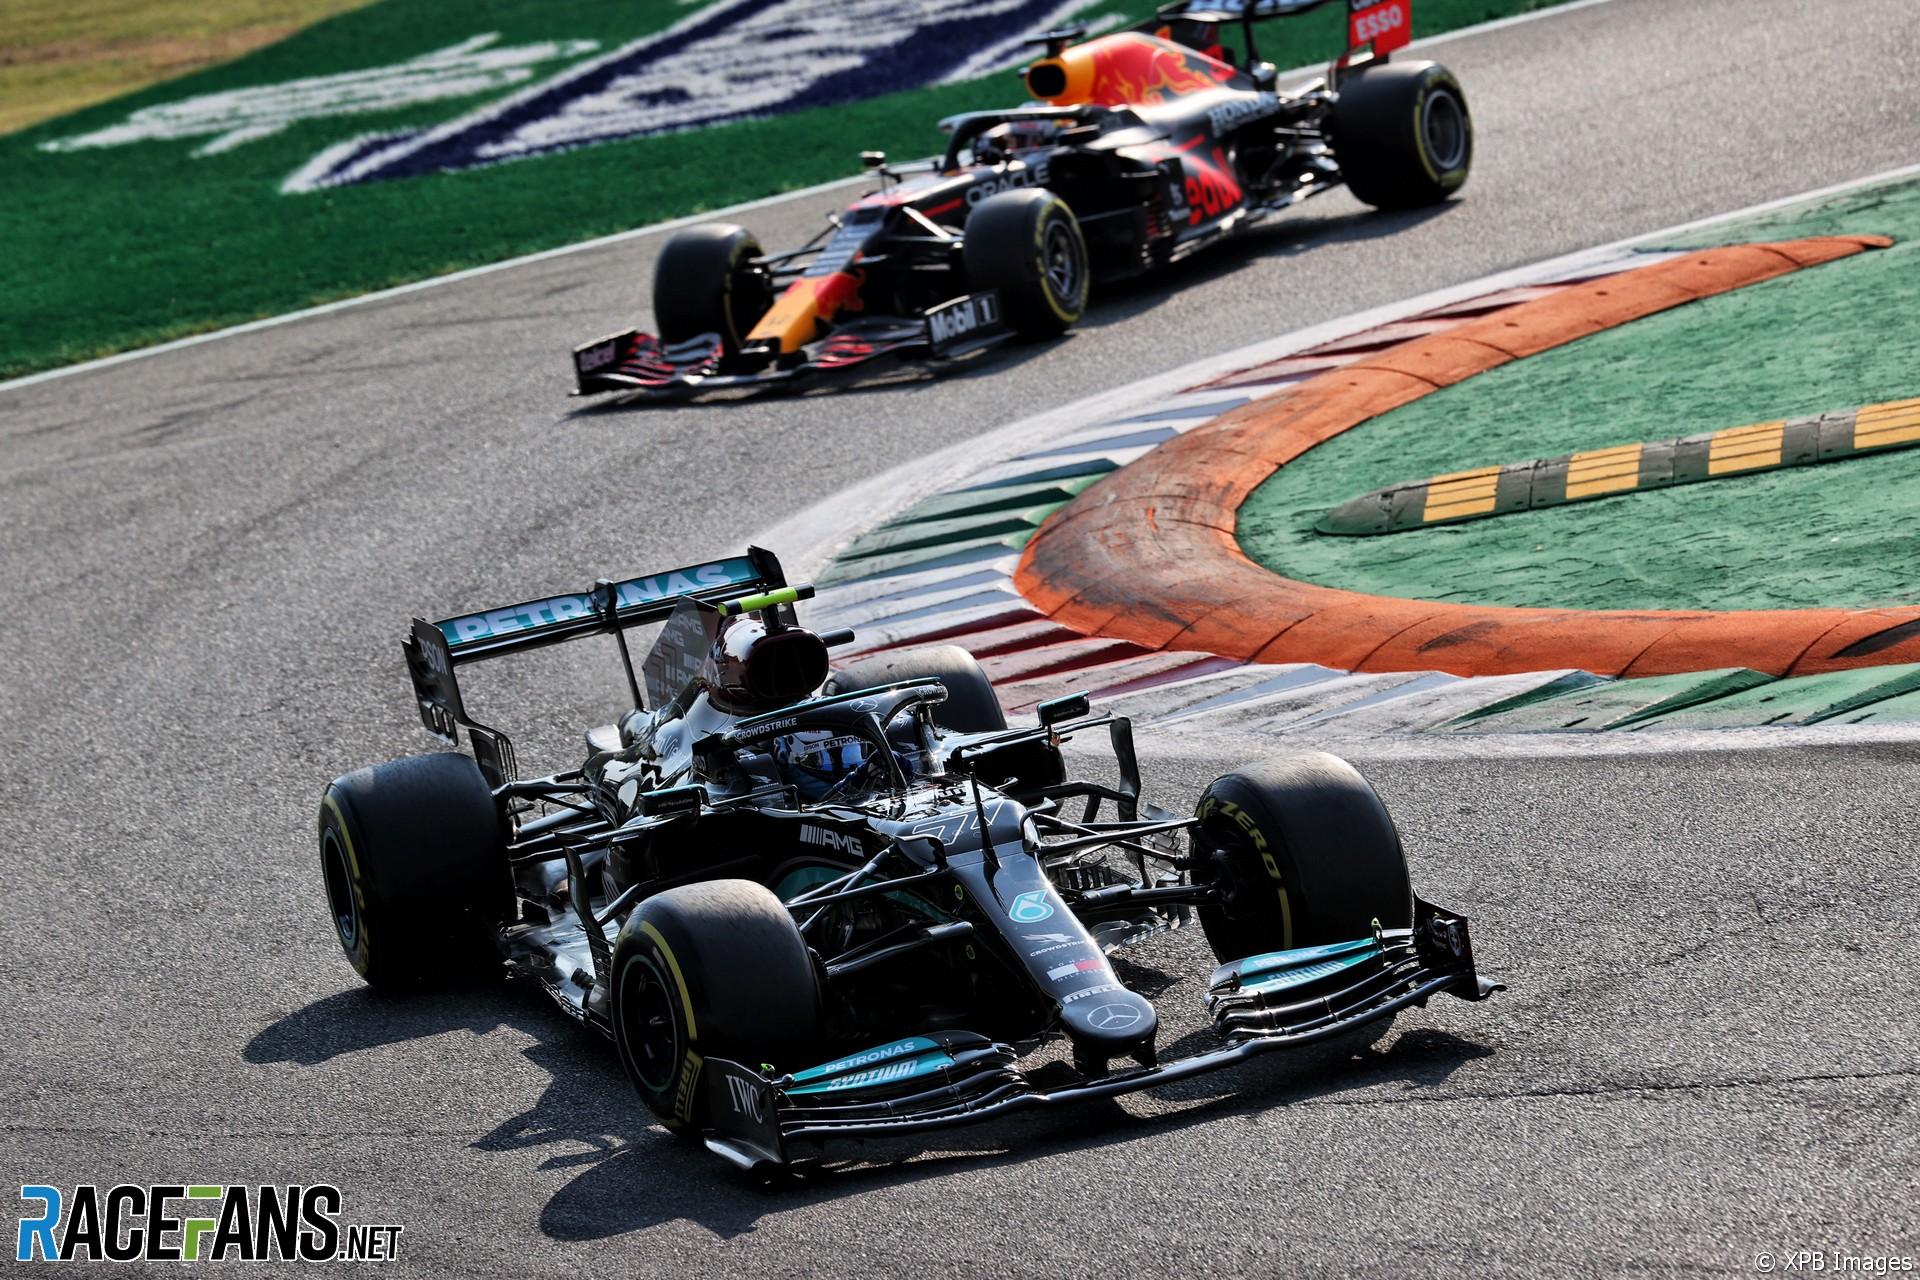 Valtteri Bottas, Mercedes, Monza, 2021